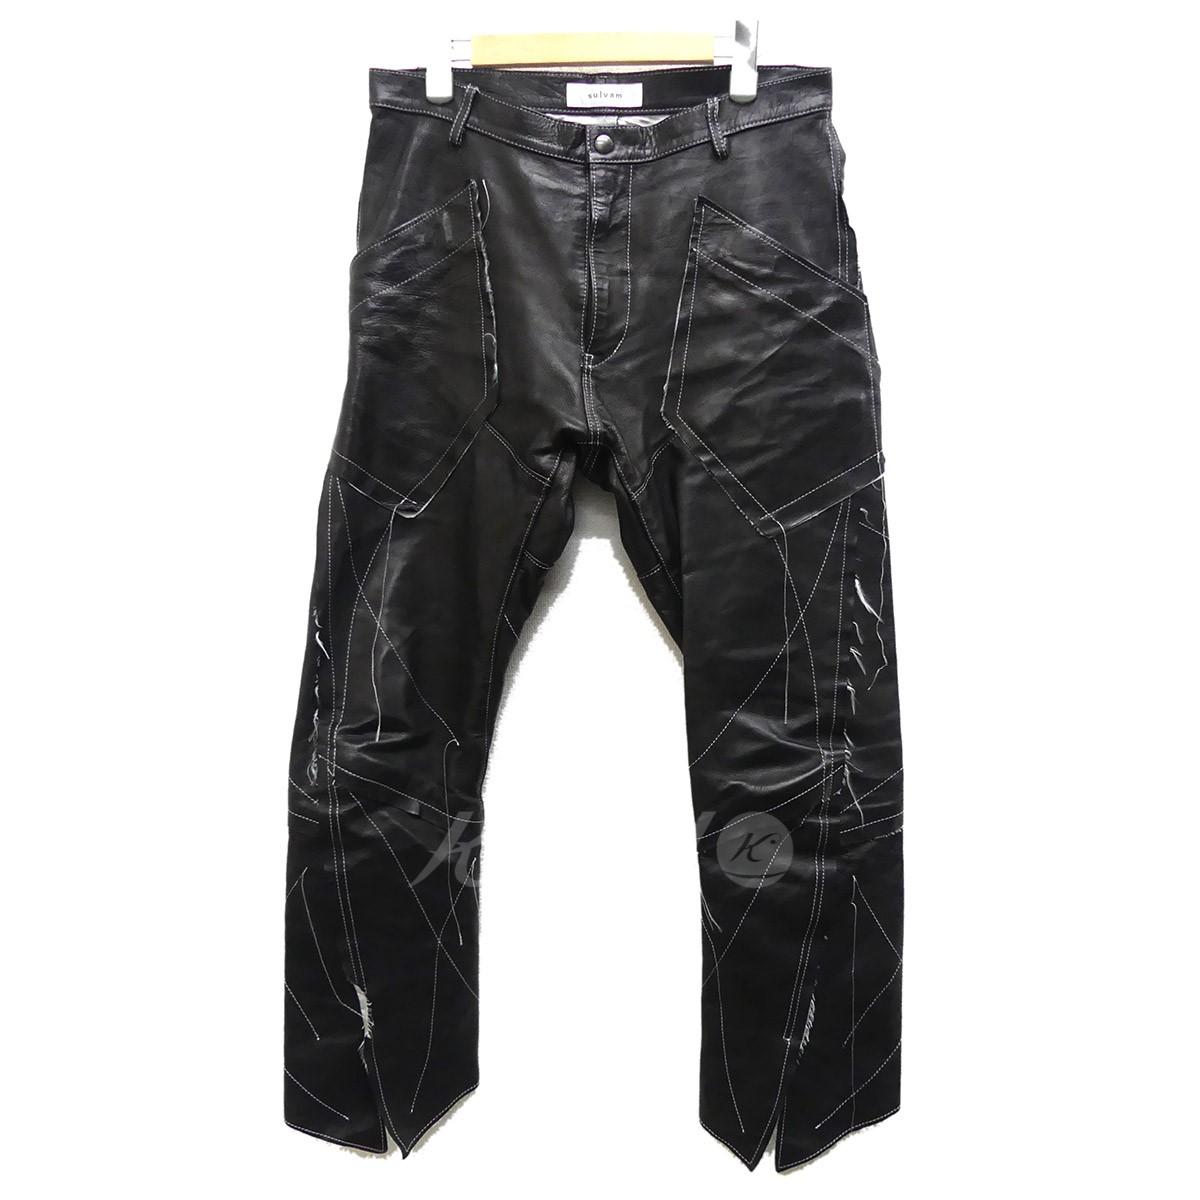 【中古】SULVAM 2017AW レザーパンツ Grafting Boots Cut PT ブラック サイズ:M 【送料無料】 【191018】(サルバム)